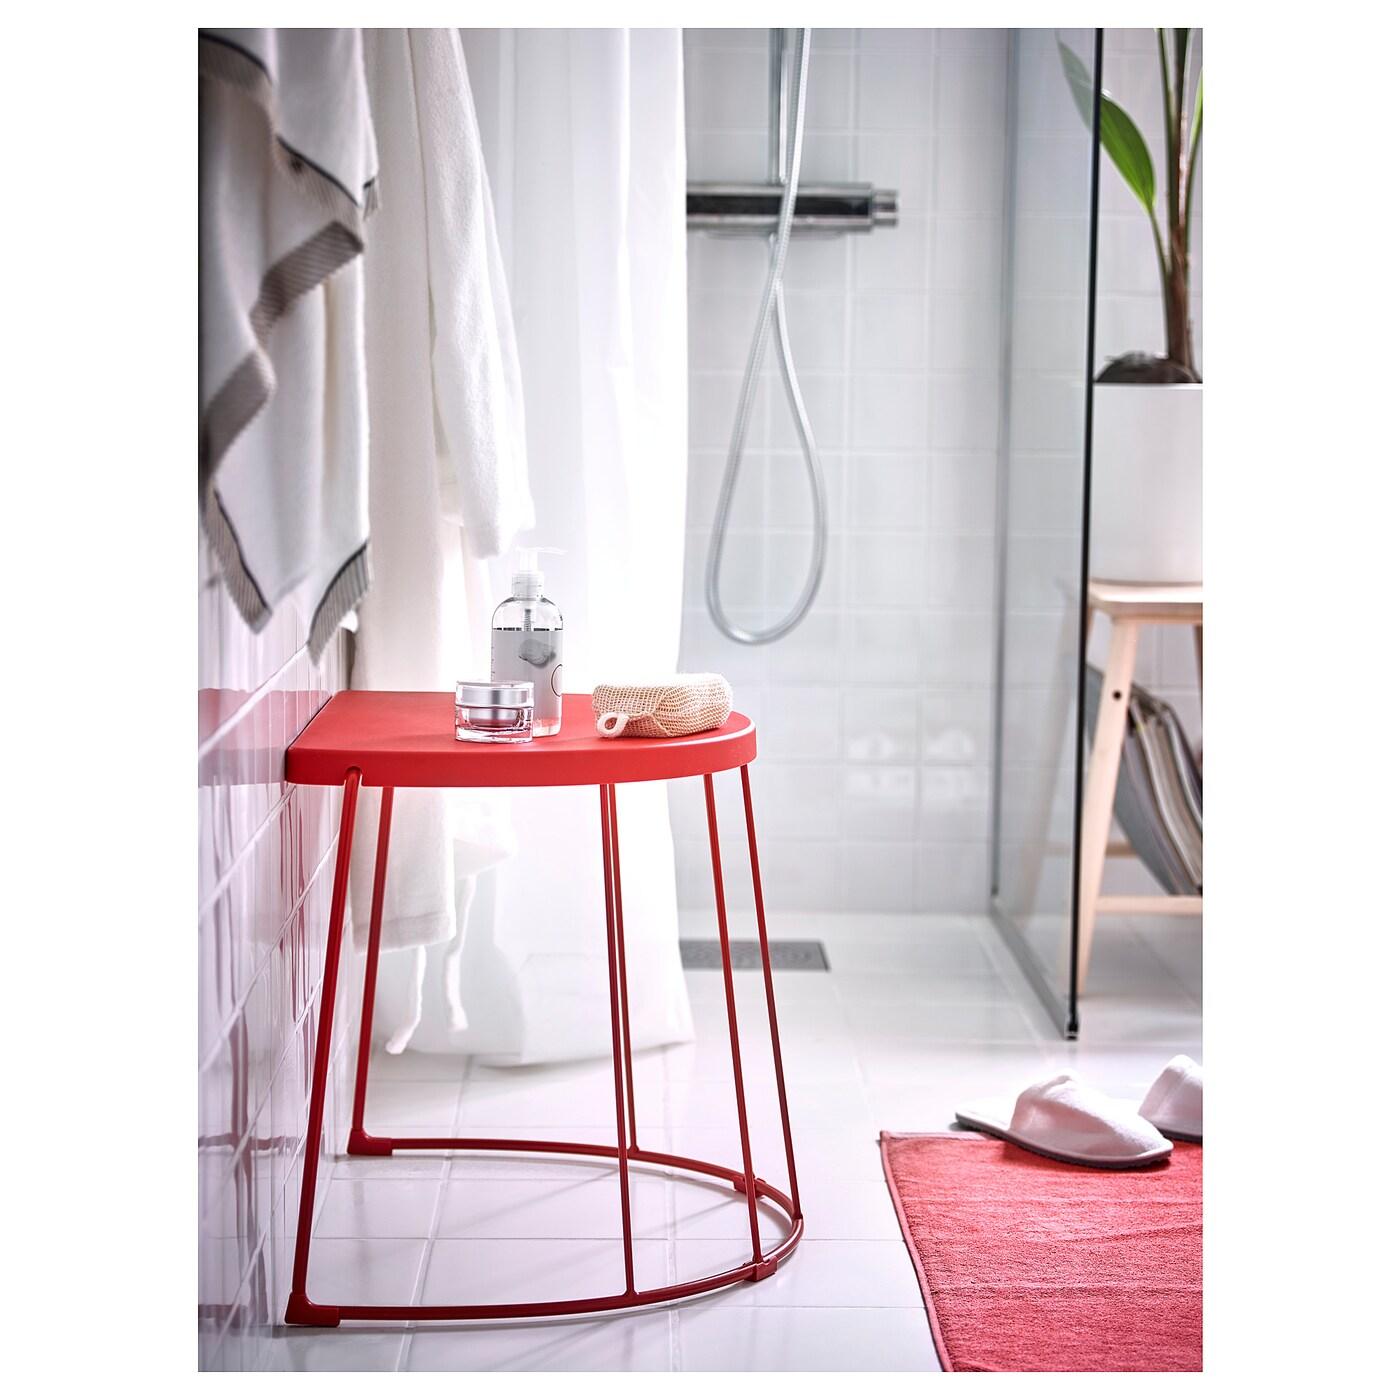 Tranaro Hocker Beistelltisch Innen Aussen Rot Ikea Deutschland